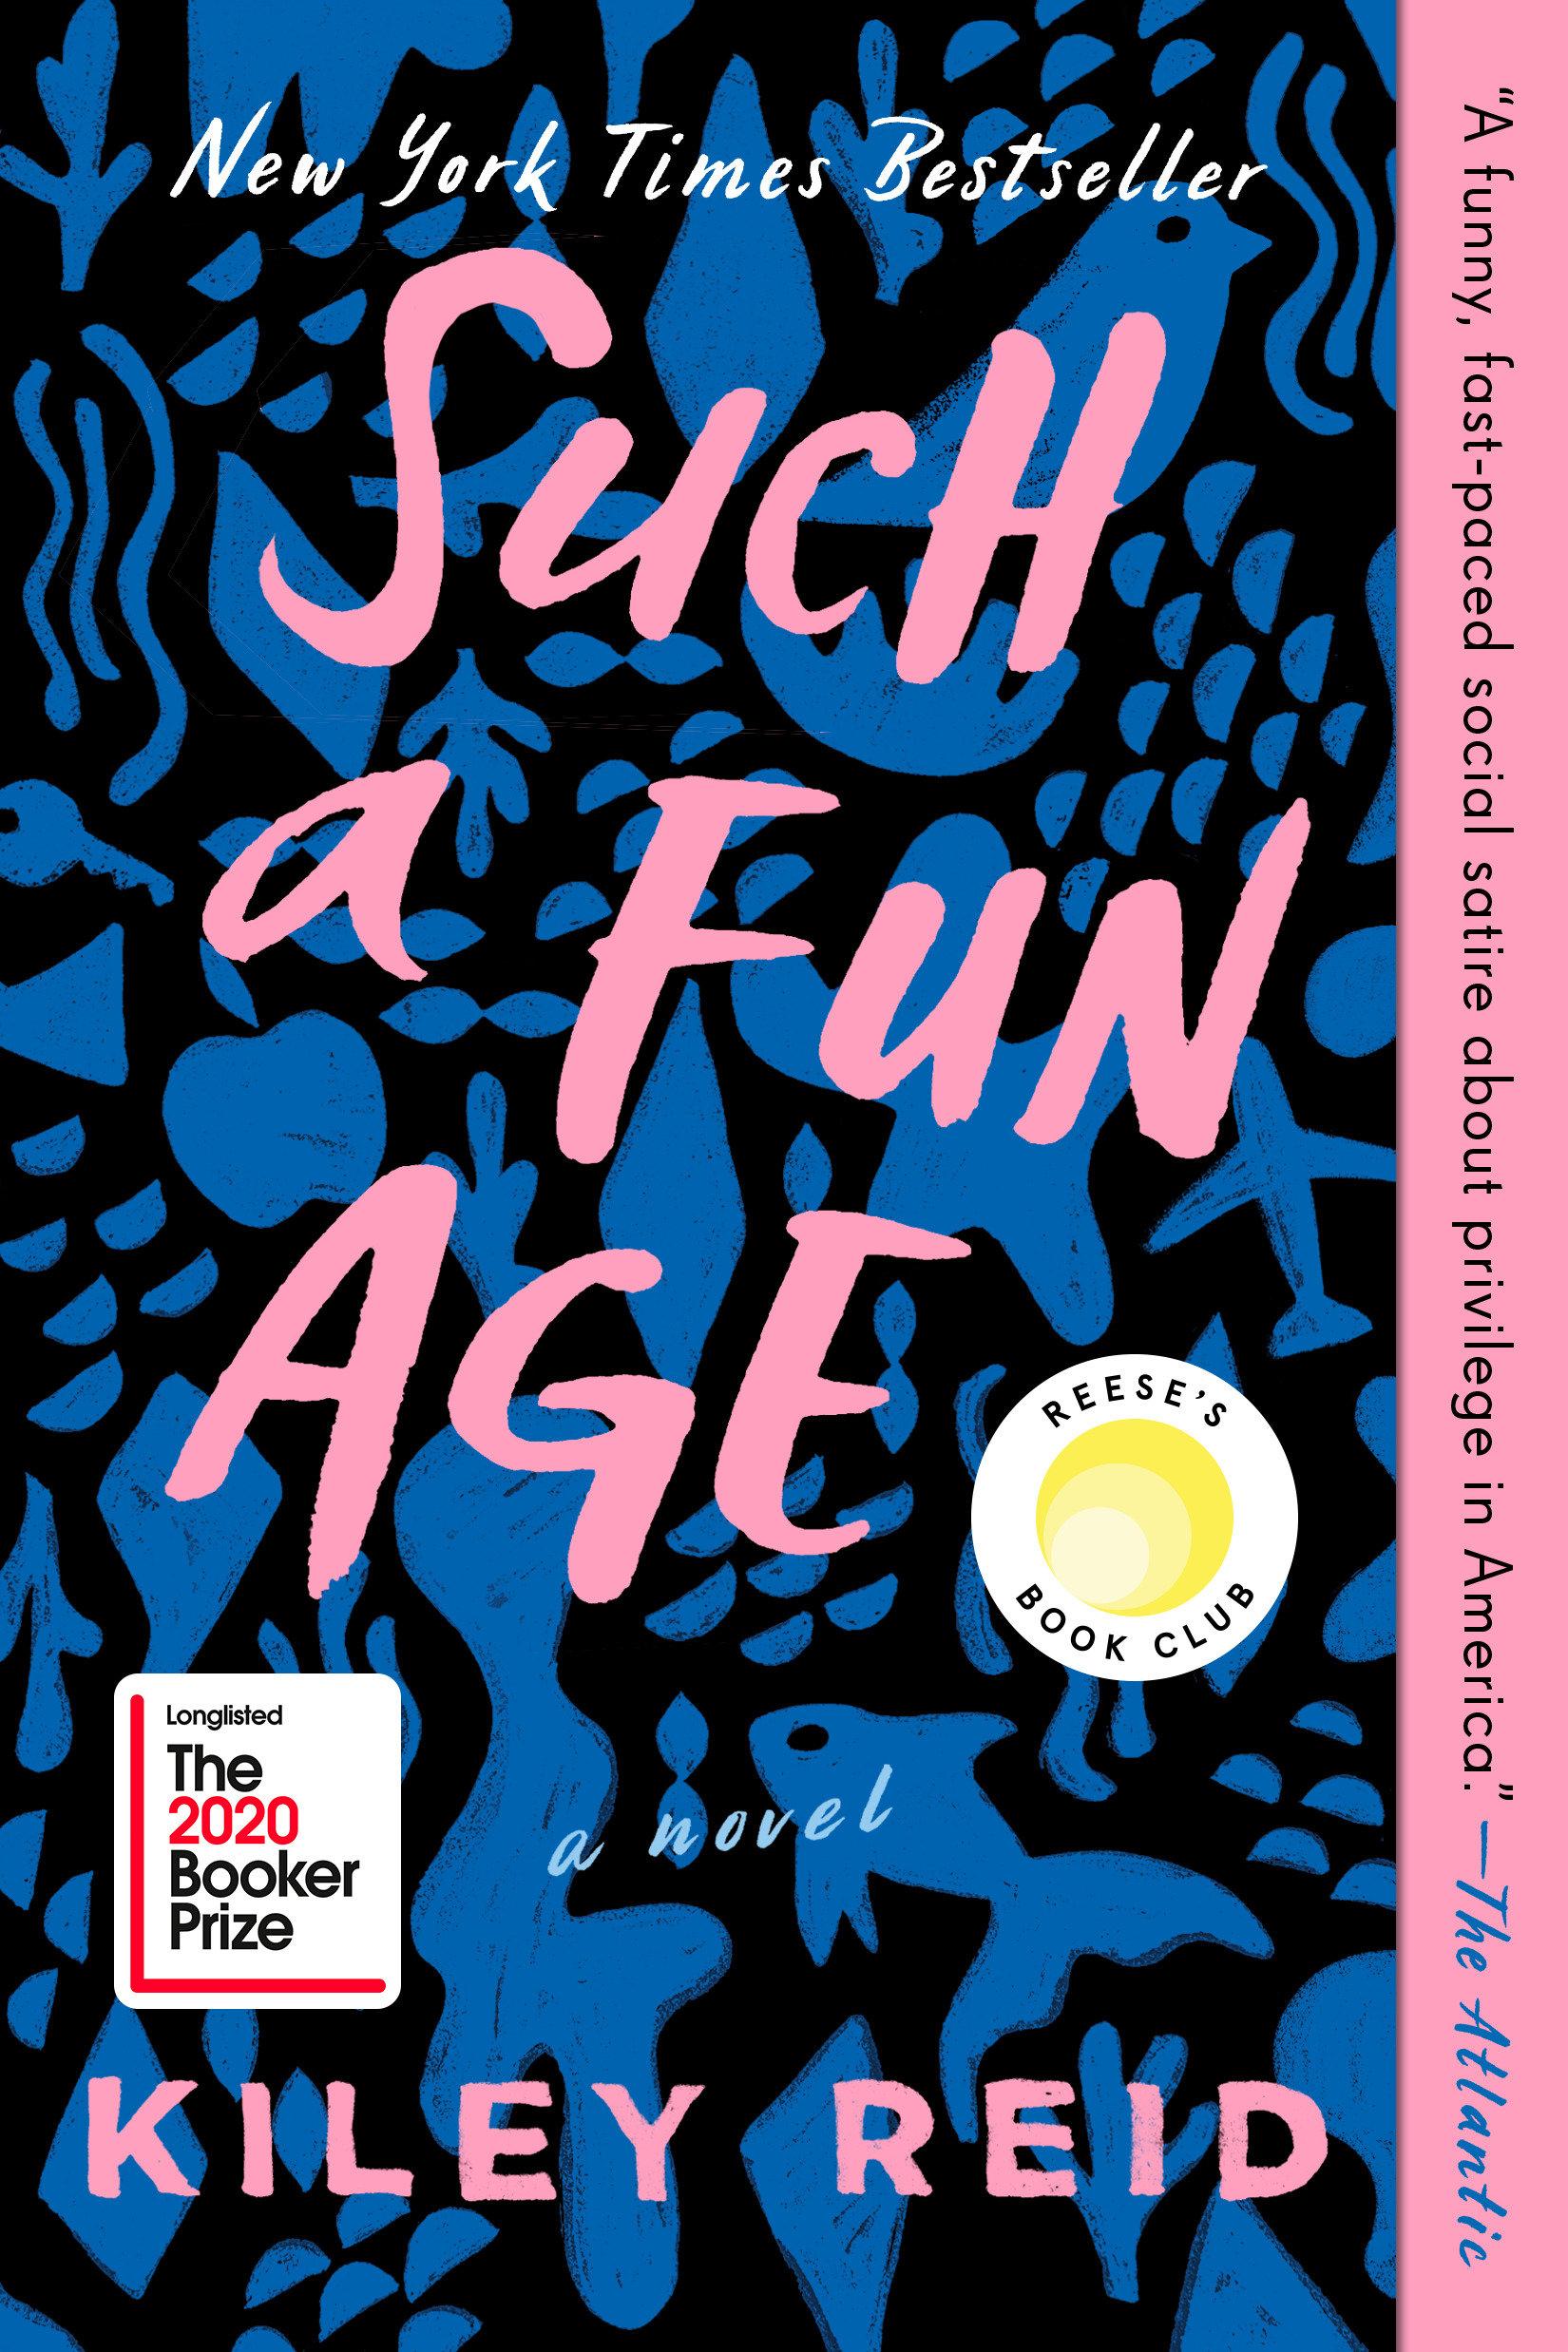 Such a fun age cover image